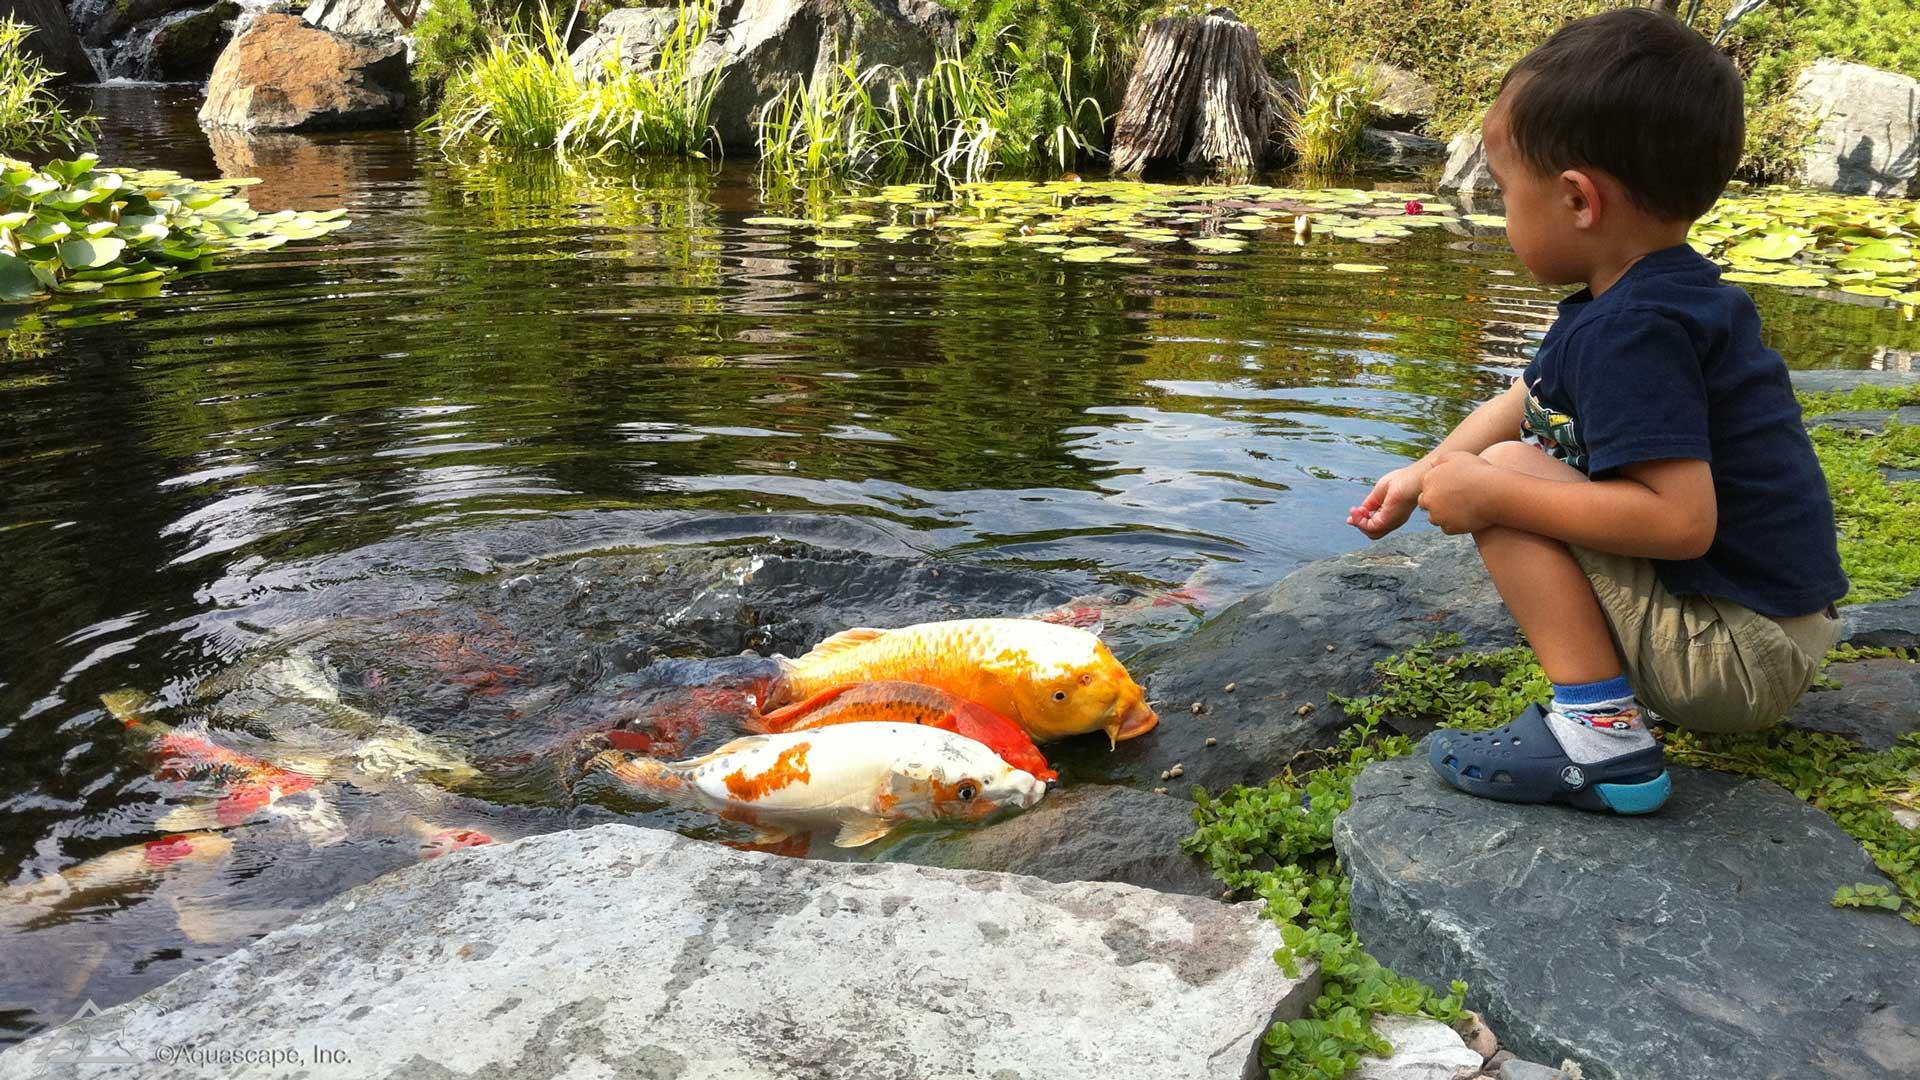 Auburn-Sky-Aquascape-Koi-Fish-Pond-Child.jpg